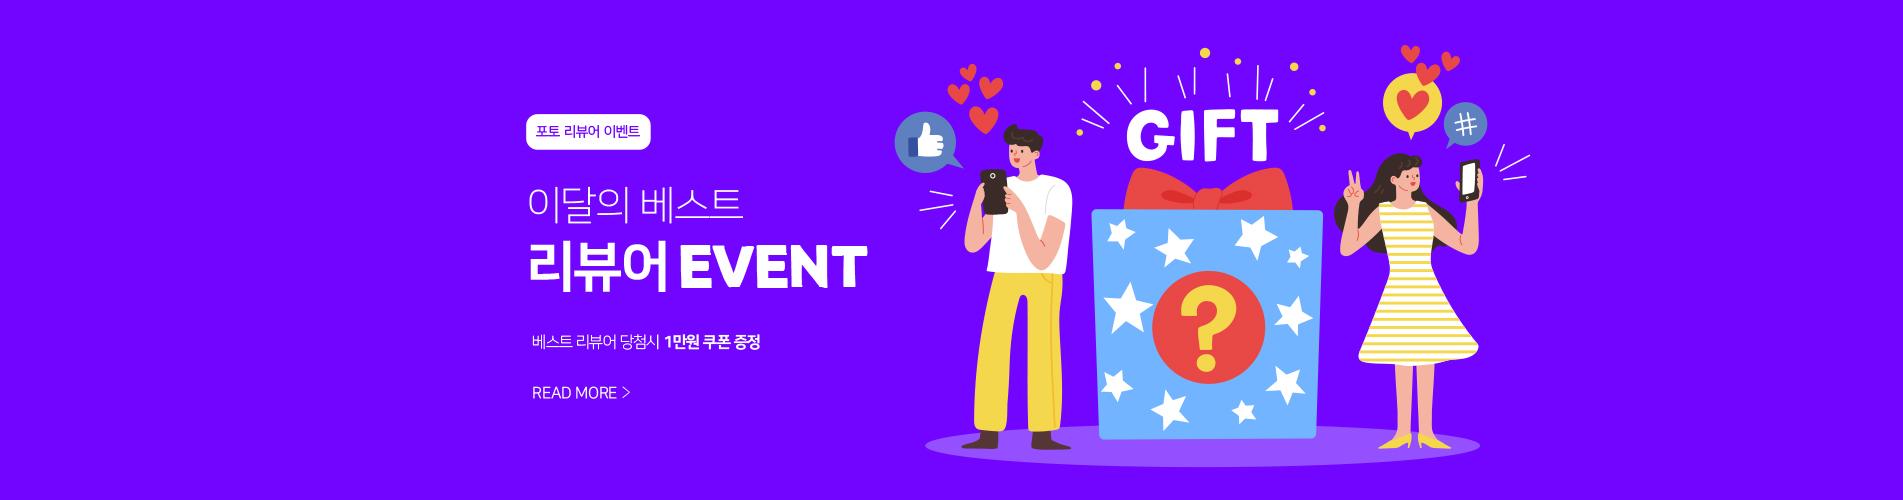 메인배너3-베스트 리뷰어 이벤트